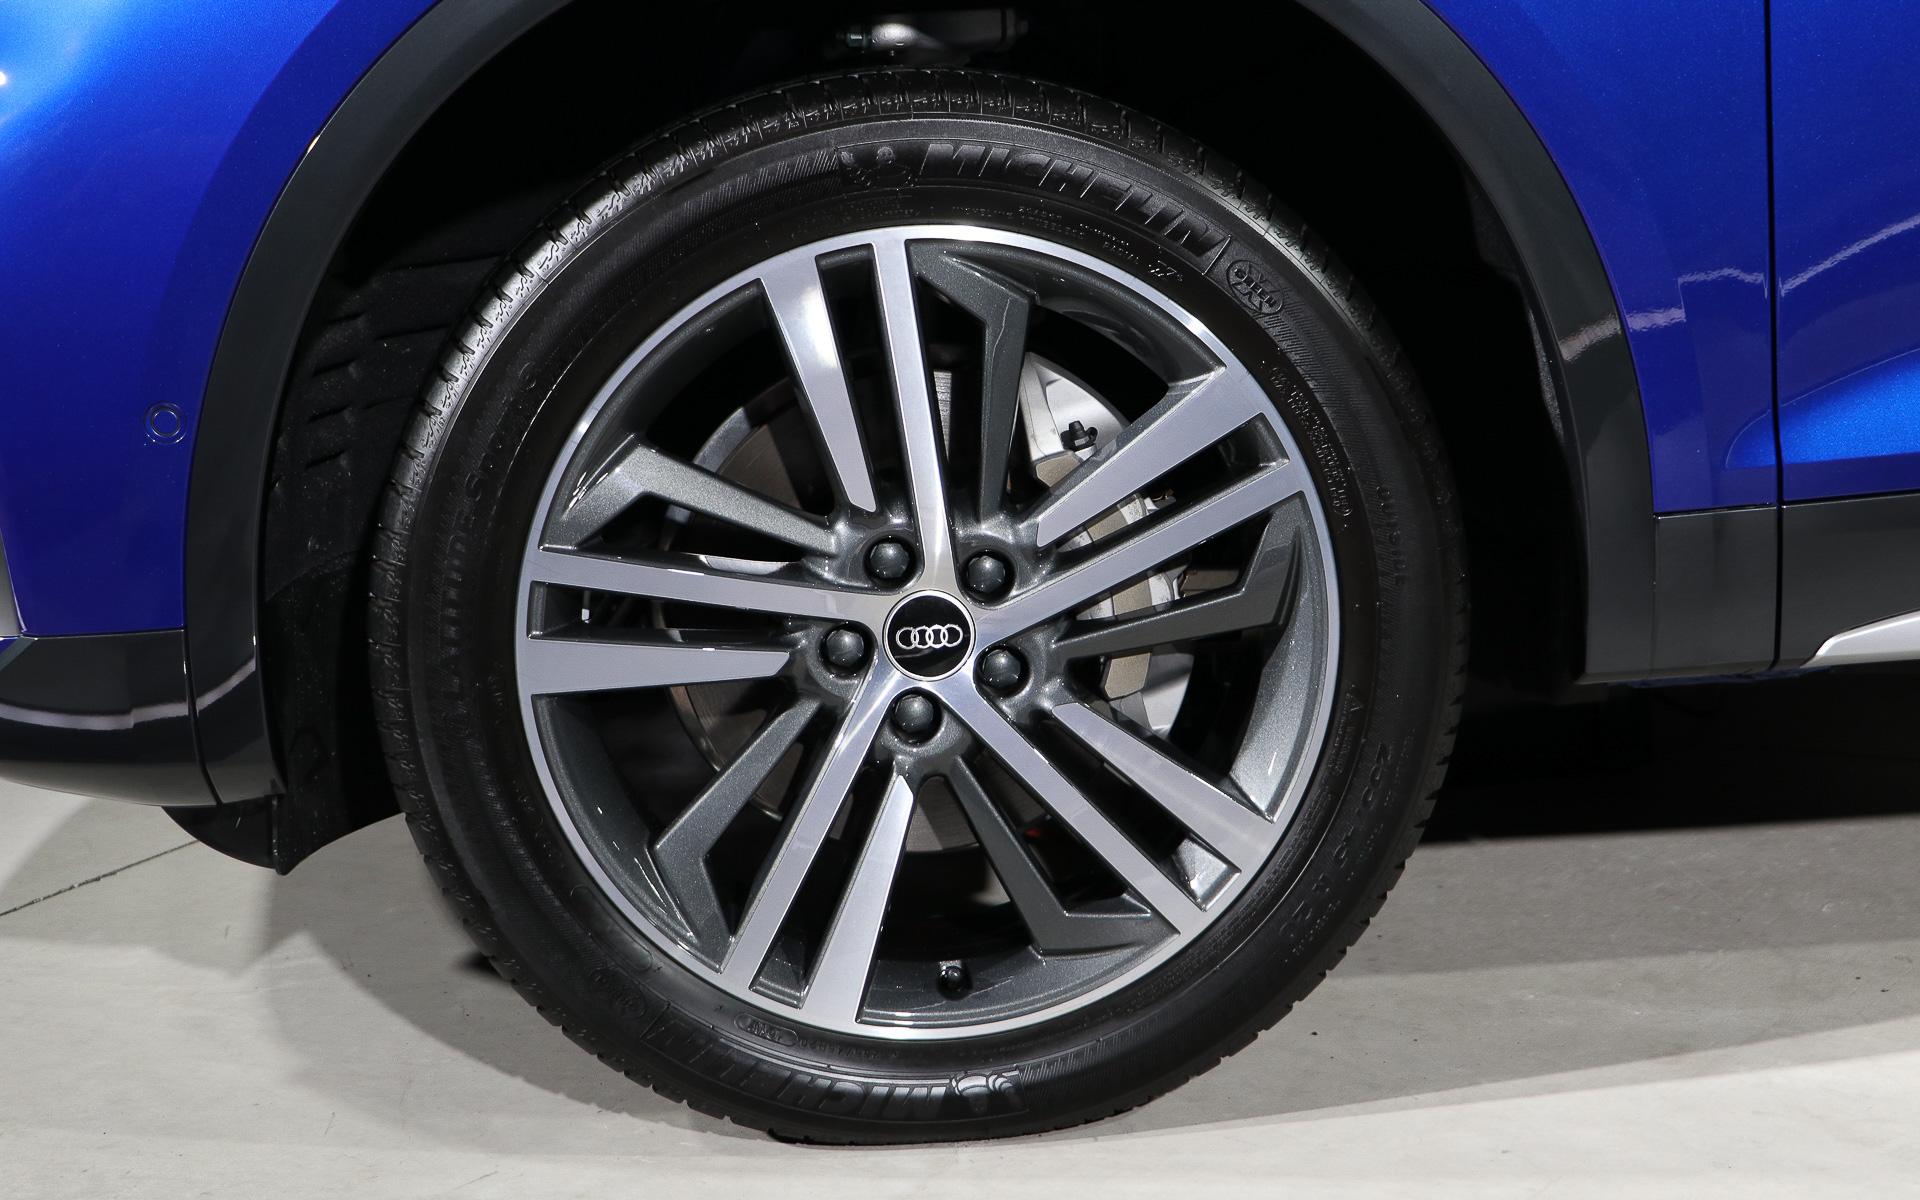 タイヤはミシュランのハイパフォーマンスSUVタイヤ「LATITUDE SPORT 3」を装着。サイズは前後とも255/45R20を履く